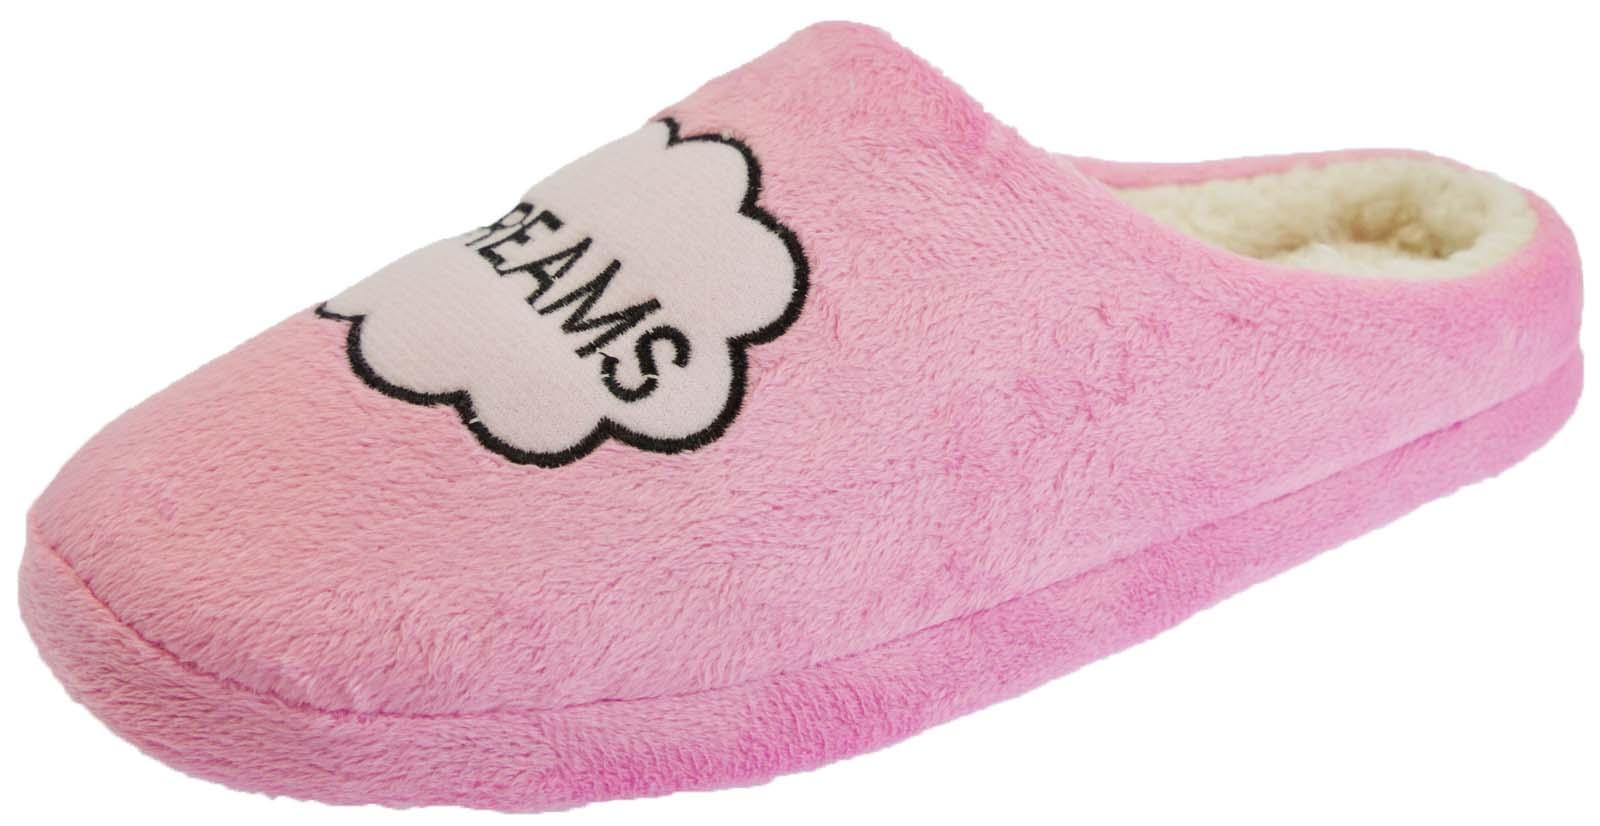 Para Mujer Piel Forrada Pantuflas Zapatos Acolchado Slip On Mulas Novedad Regalo Damas Tamaño